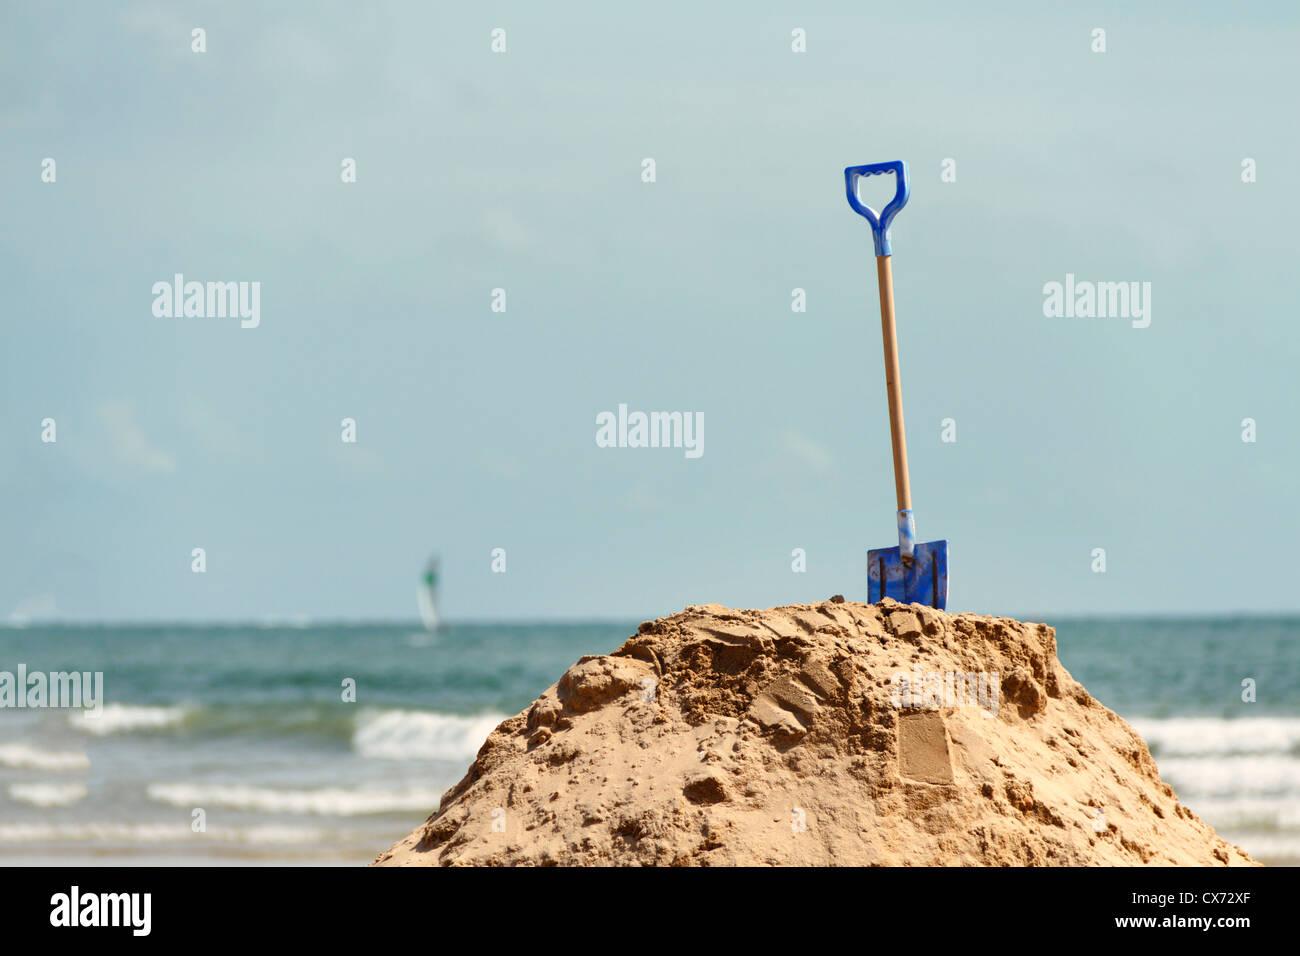 Chat dans l'enfant butte de sable, Les Sables-d'Olonne, Vendée, Pays de la Loire, France, Europe. Photo Stock